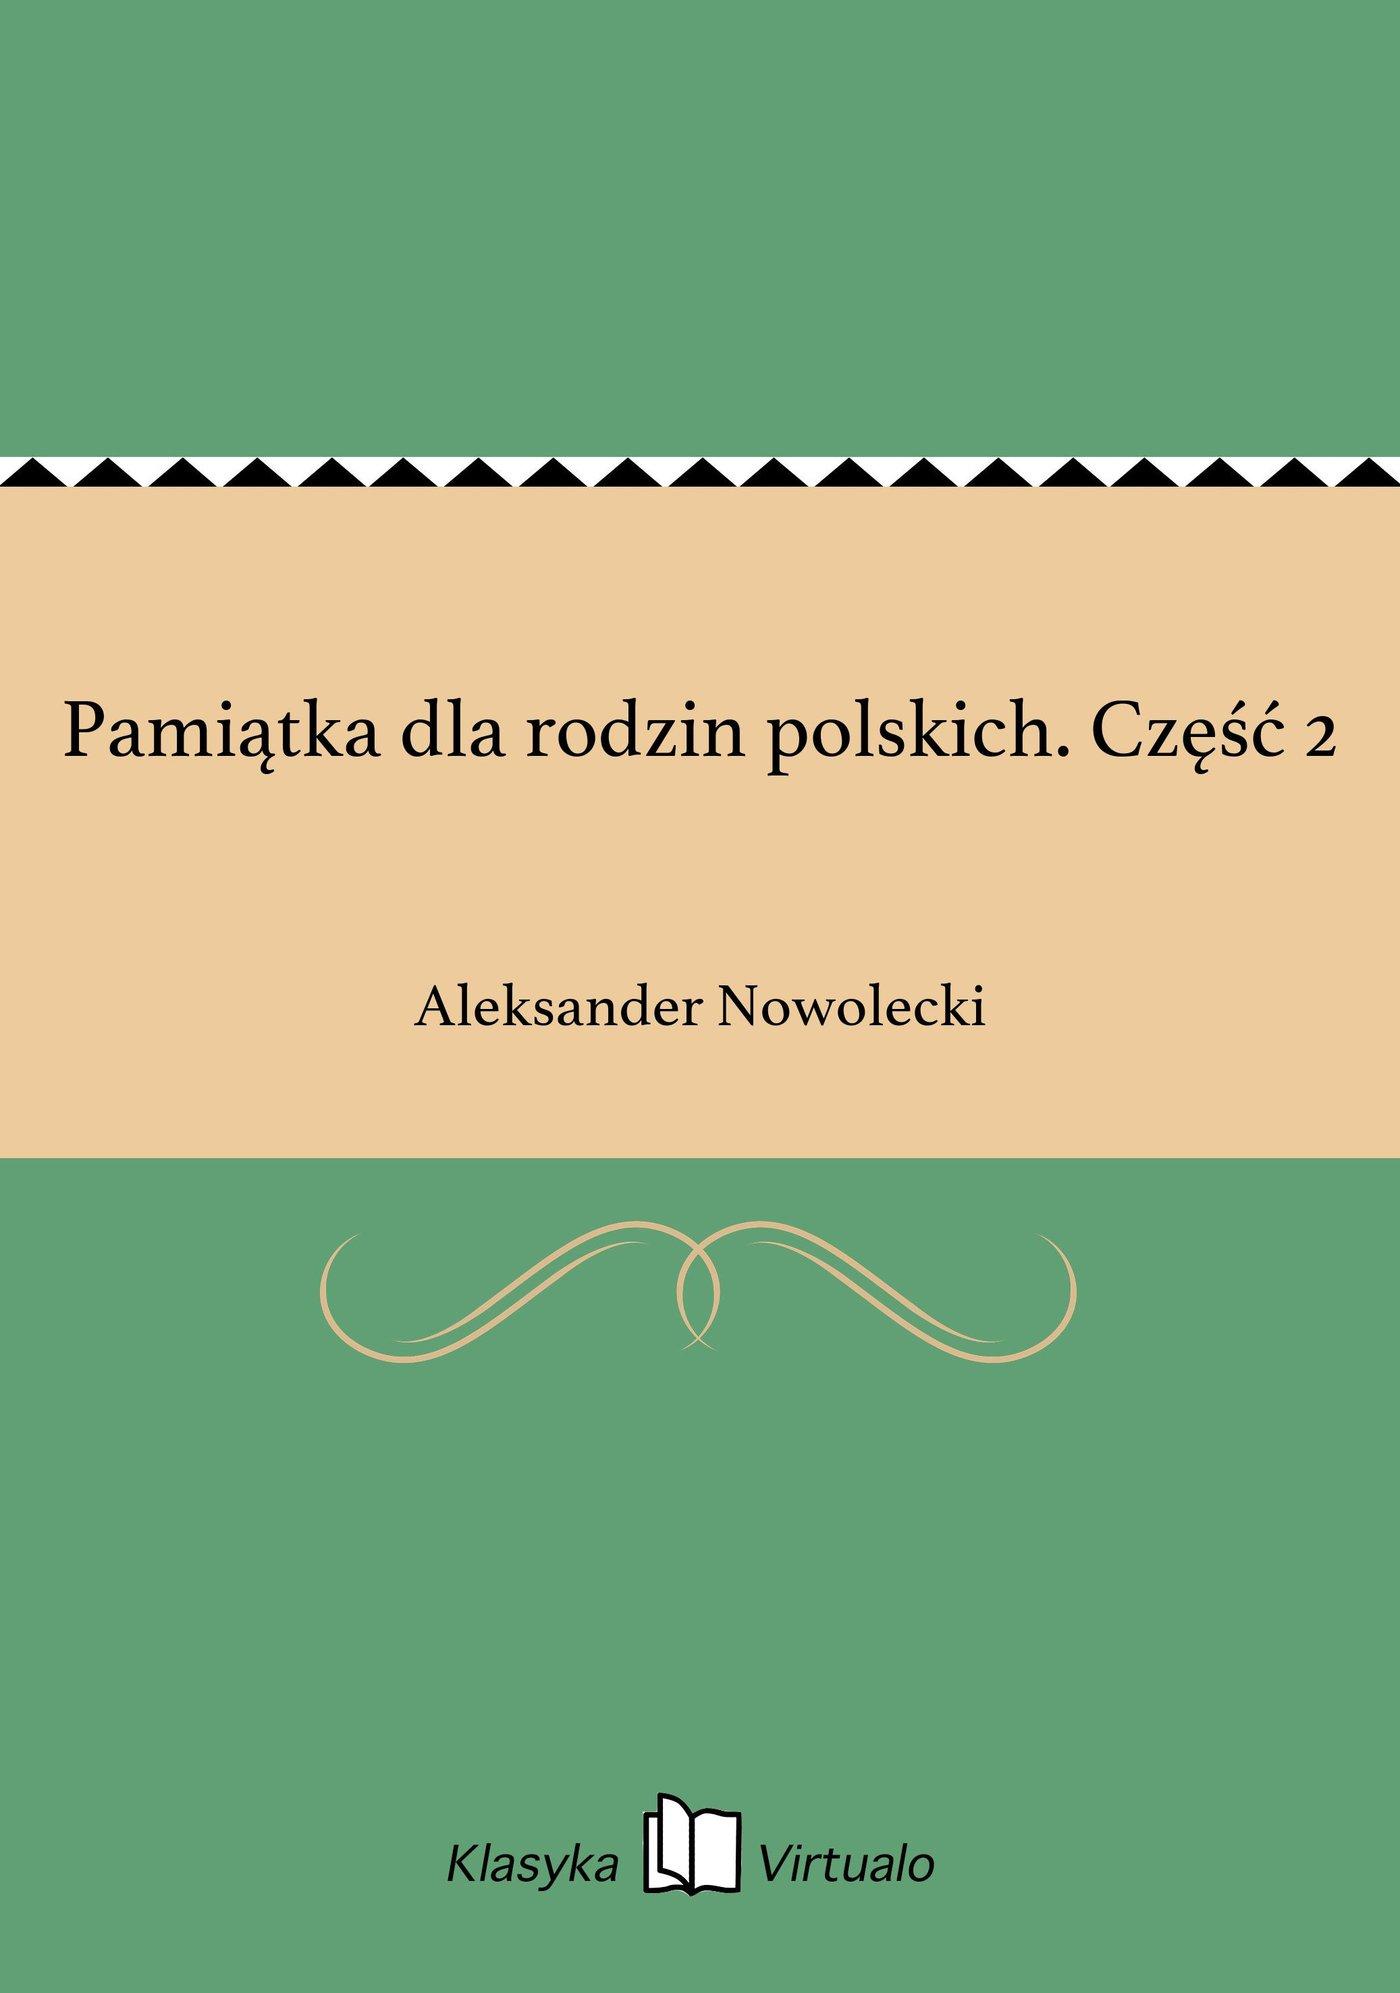 Pamiątka dla rodzin polskich. Część 2 - Ebook (Książka EPUB) do pobrania w formacie EPUB